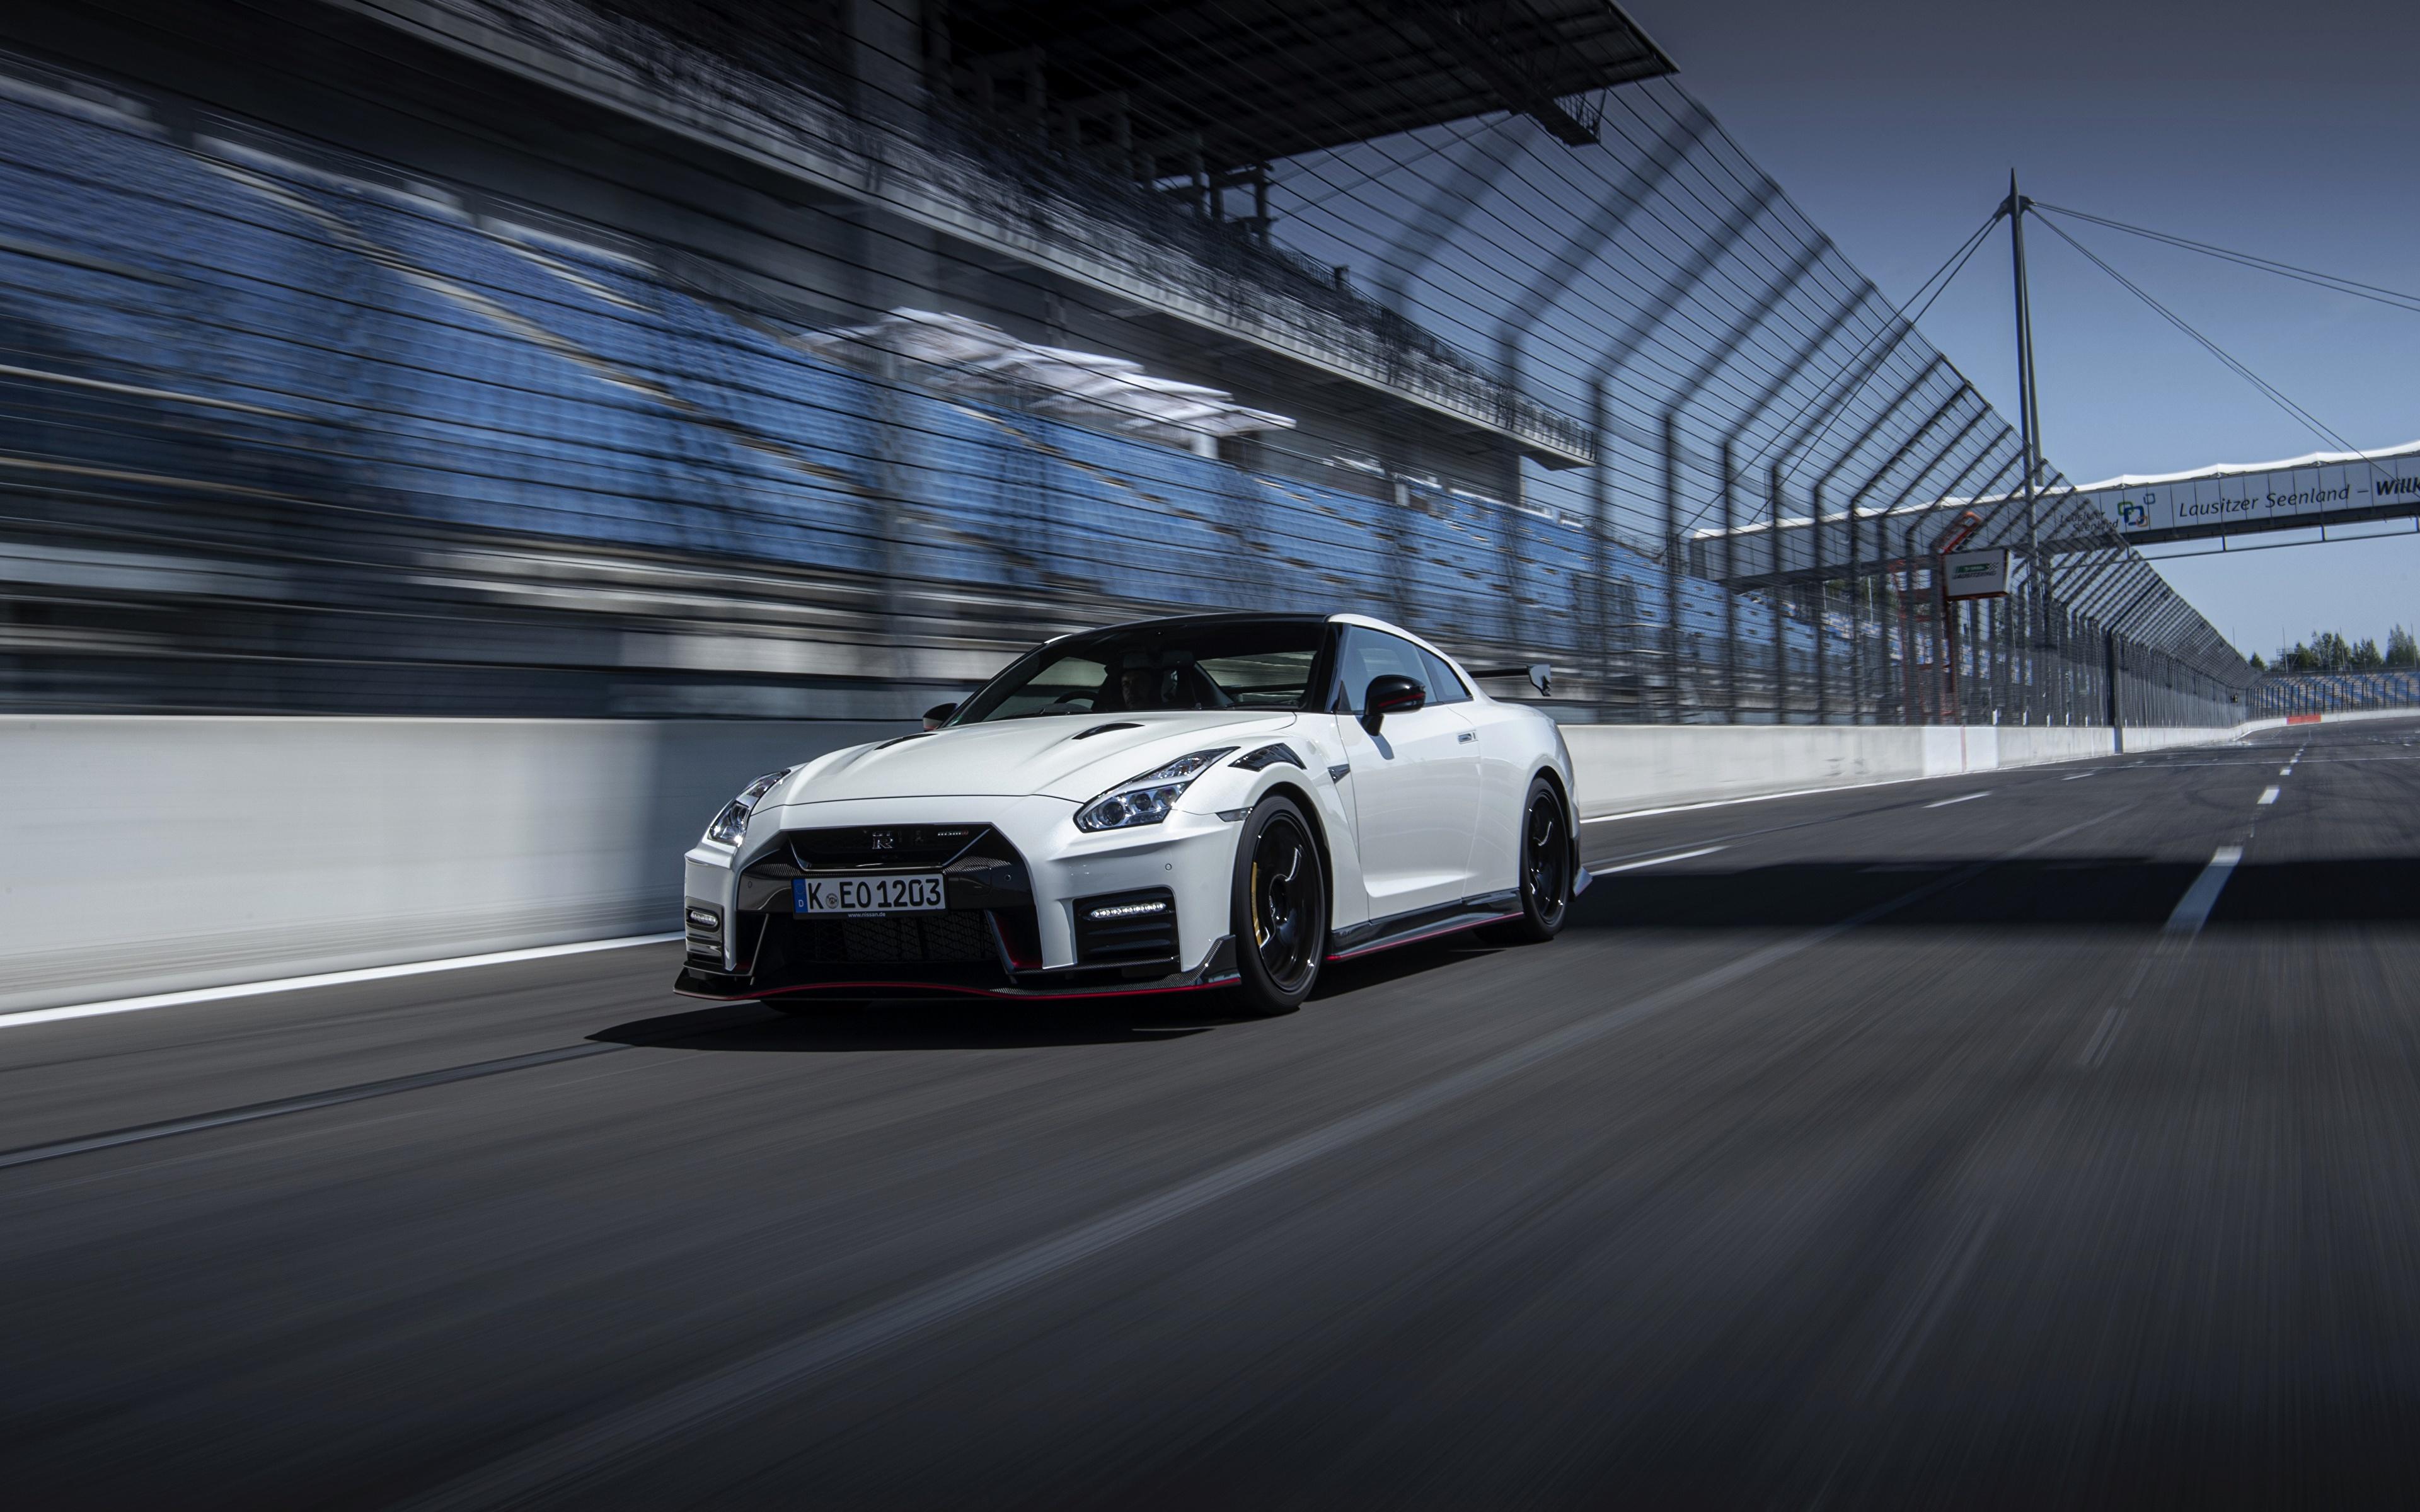 Фотографии Nissan GT-R R35 Nismo 2020 2019 Белый Движение Автомобили 3840x2400 Ниссан белая белые белых едет едущий едущая скорость авто машины машина автомобиль